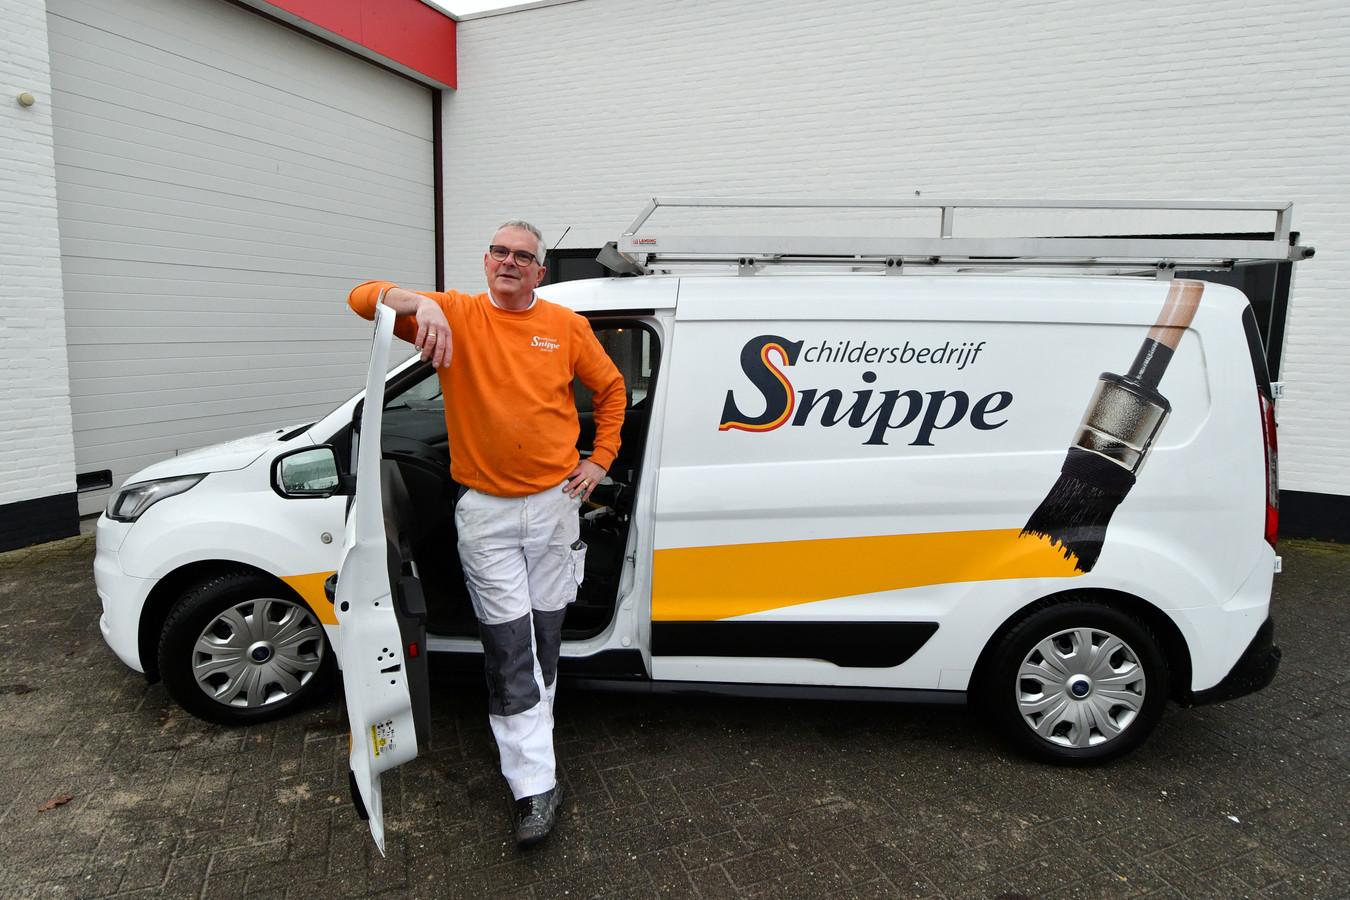 Harri Snippe, van Schildersbedrijf Snippe, ergert zich aan de valse concurrentie in zijn sector.